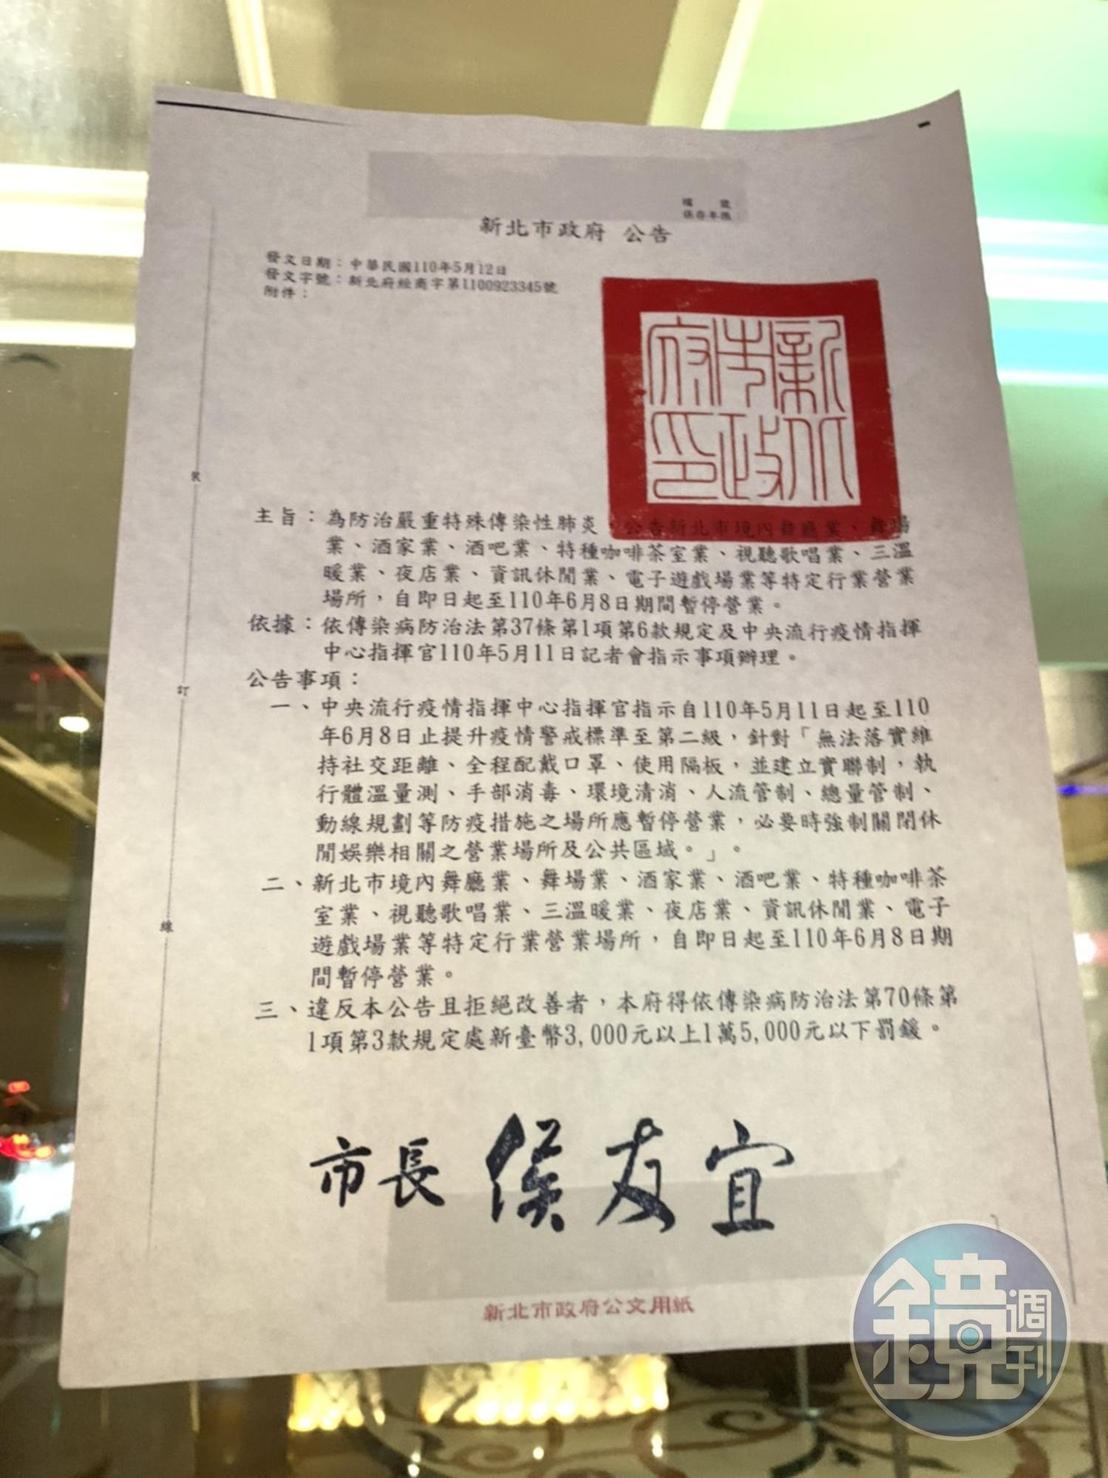 新北市錢櫃在門口貼出新北市府的公告。